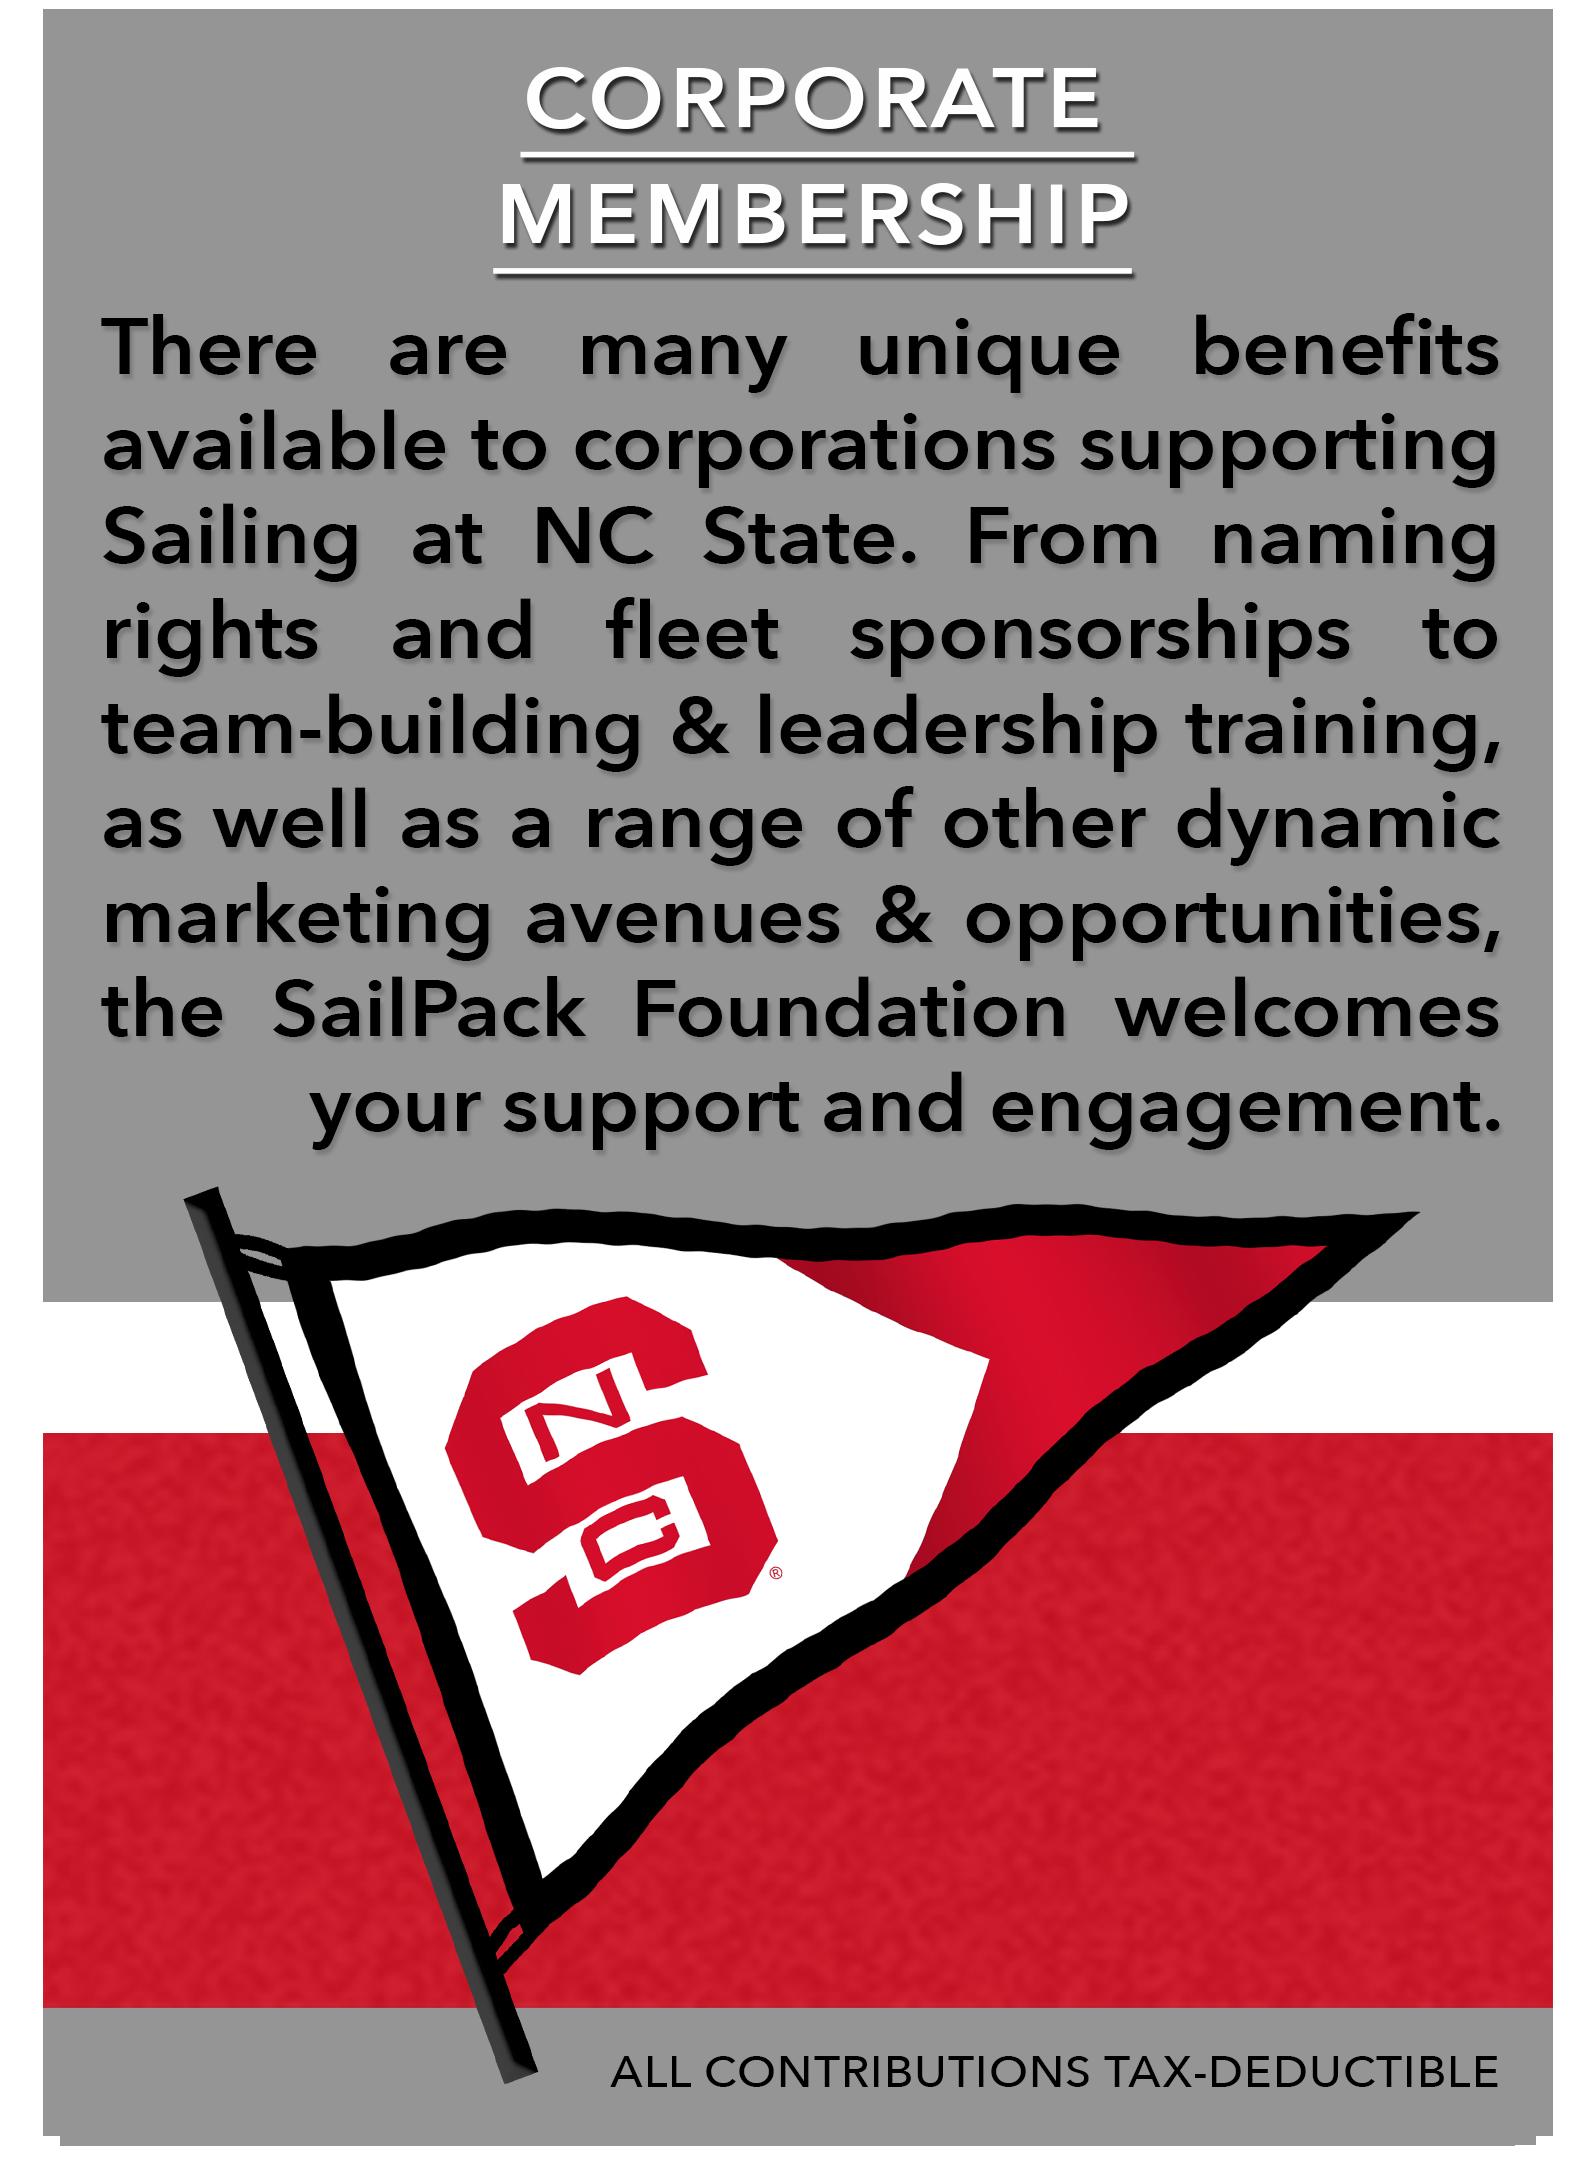 Corporate_Membership_Badge.png